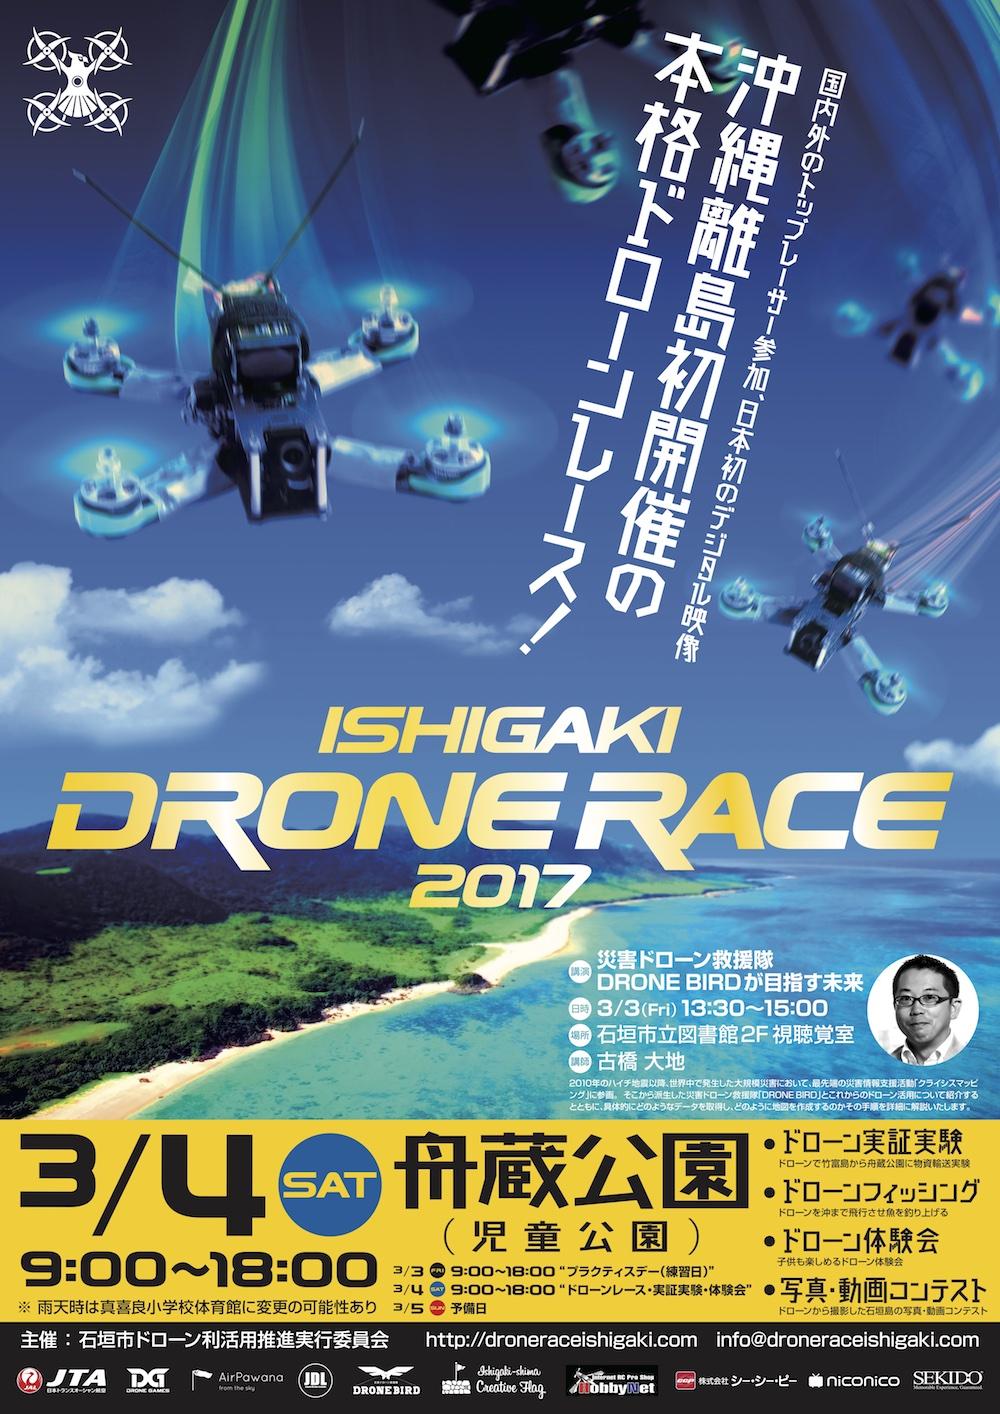 石垣島ドローンレース2017ポスター